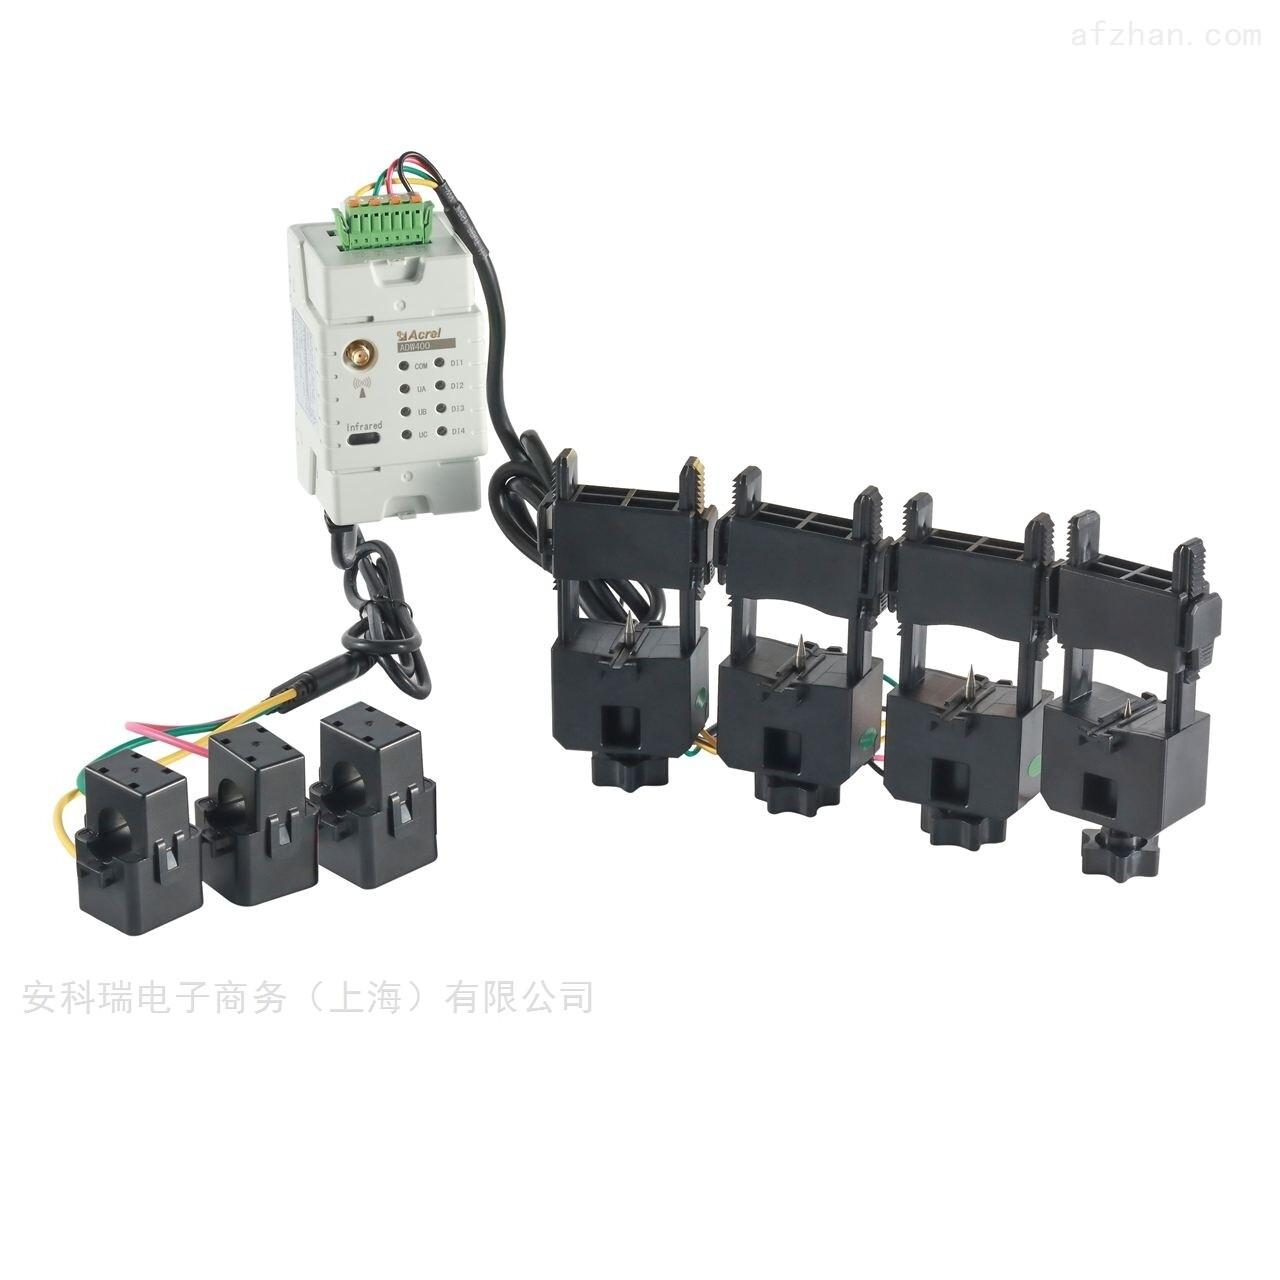 环保用电监测模块